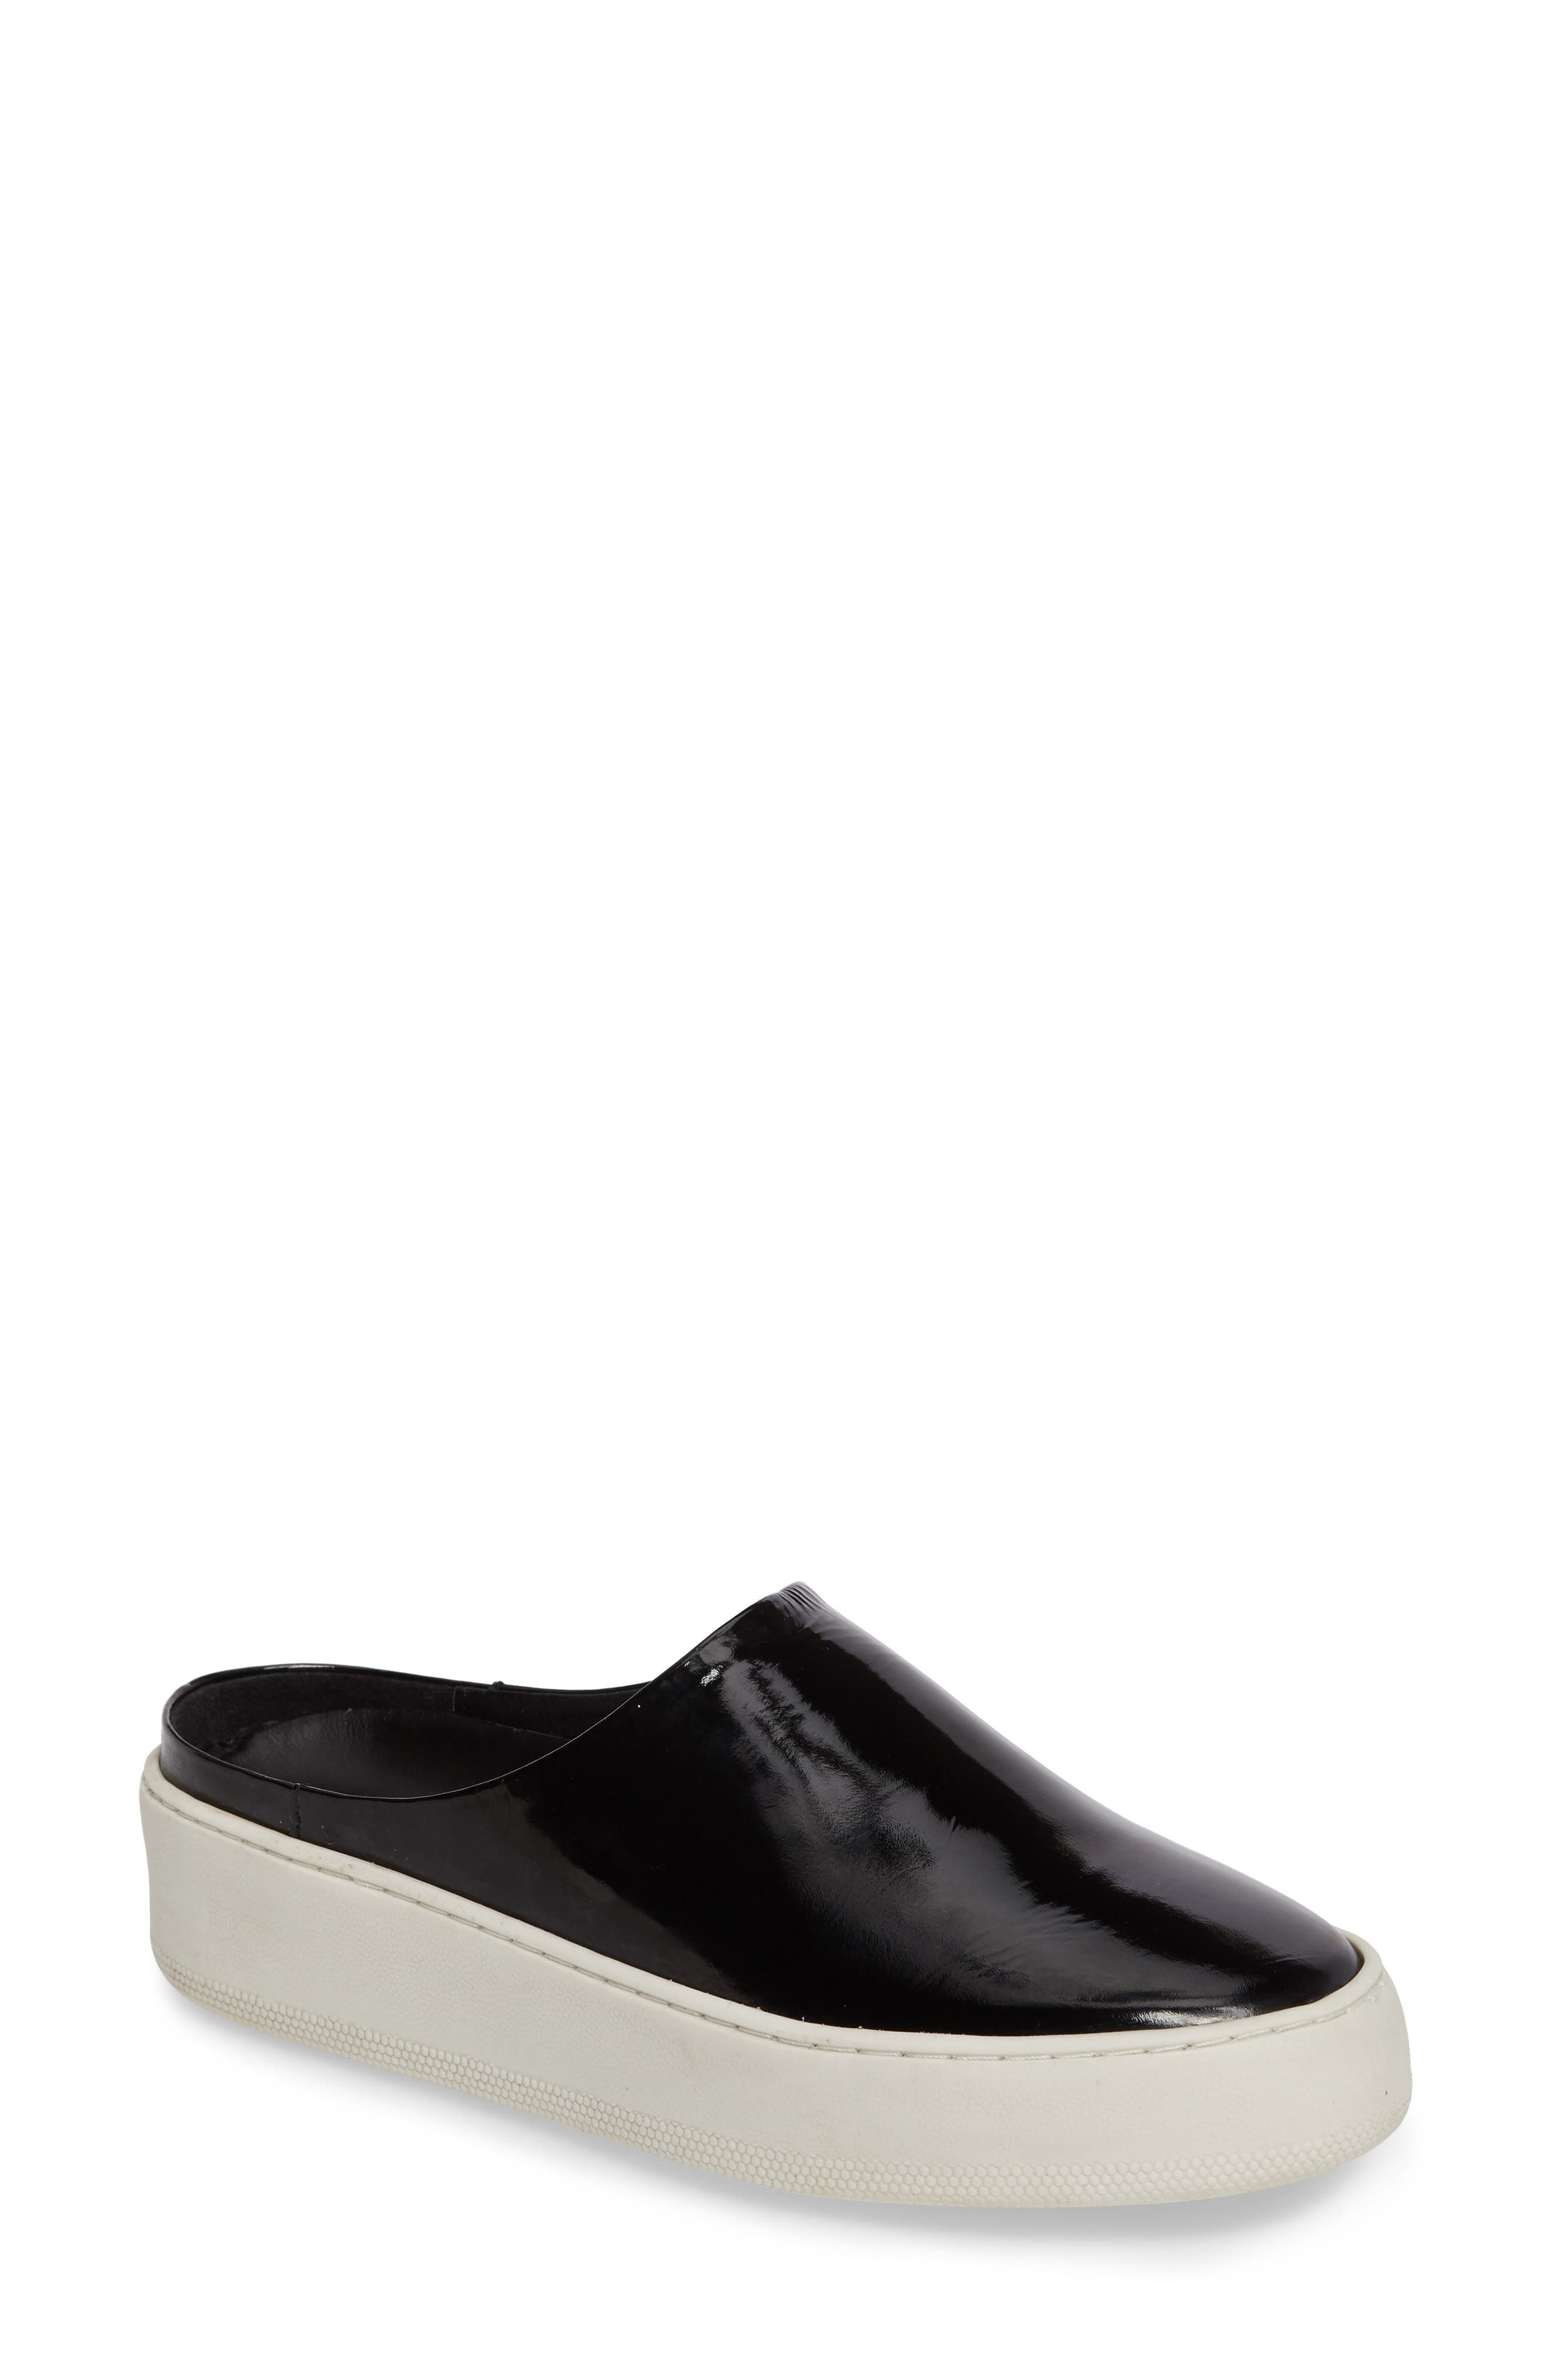 Alternate Image 1 Selected - Free People Wynwood Slip-On Sneaker (Women)